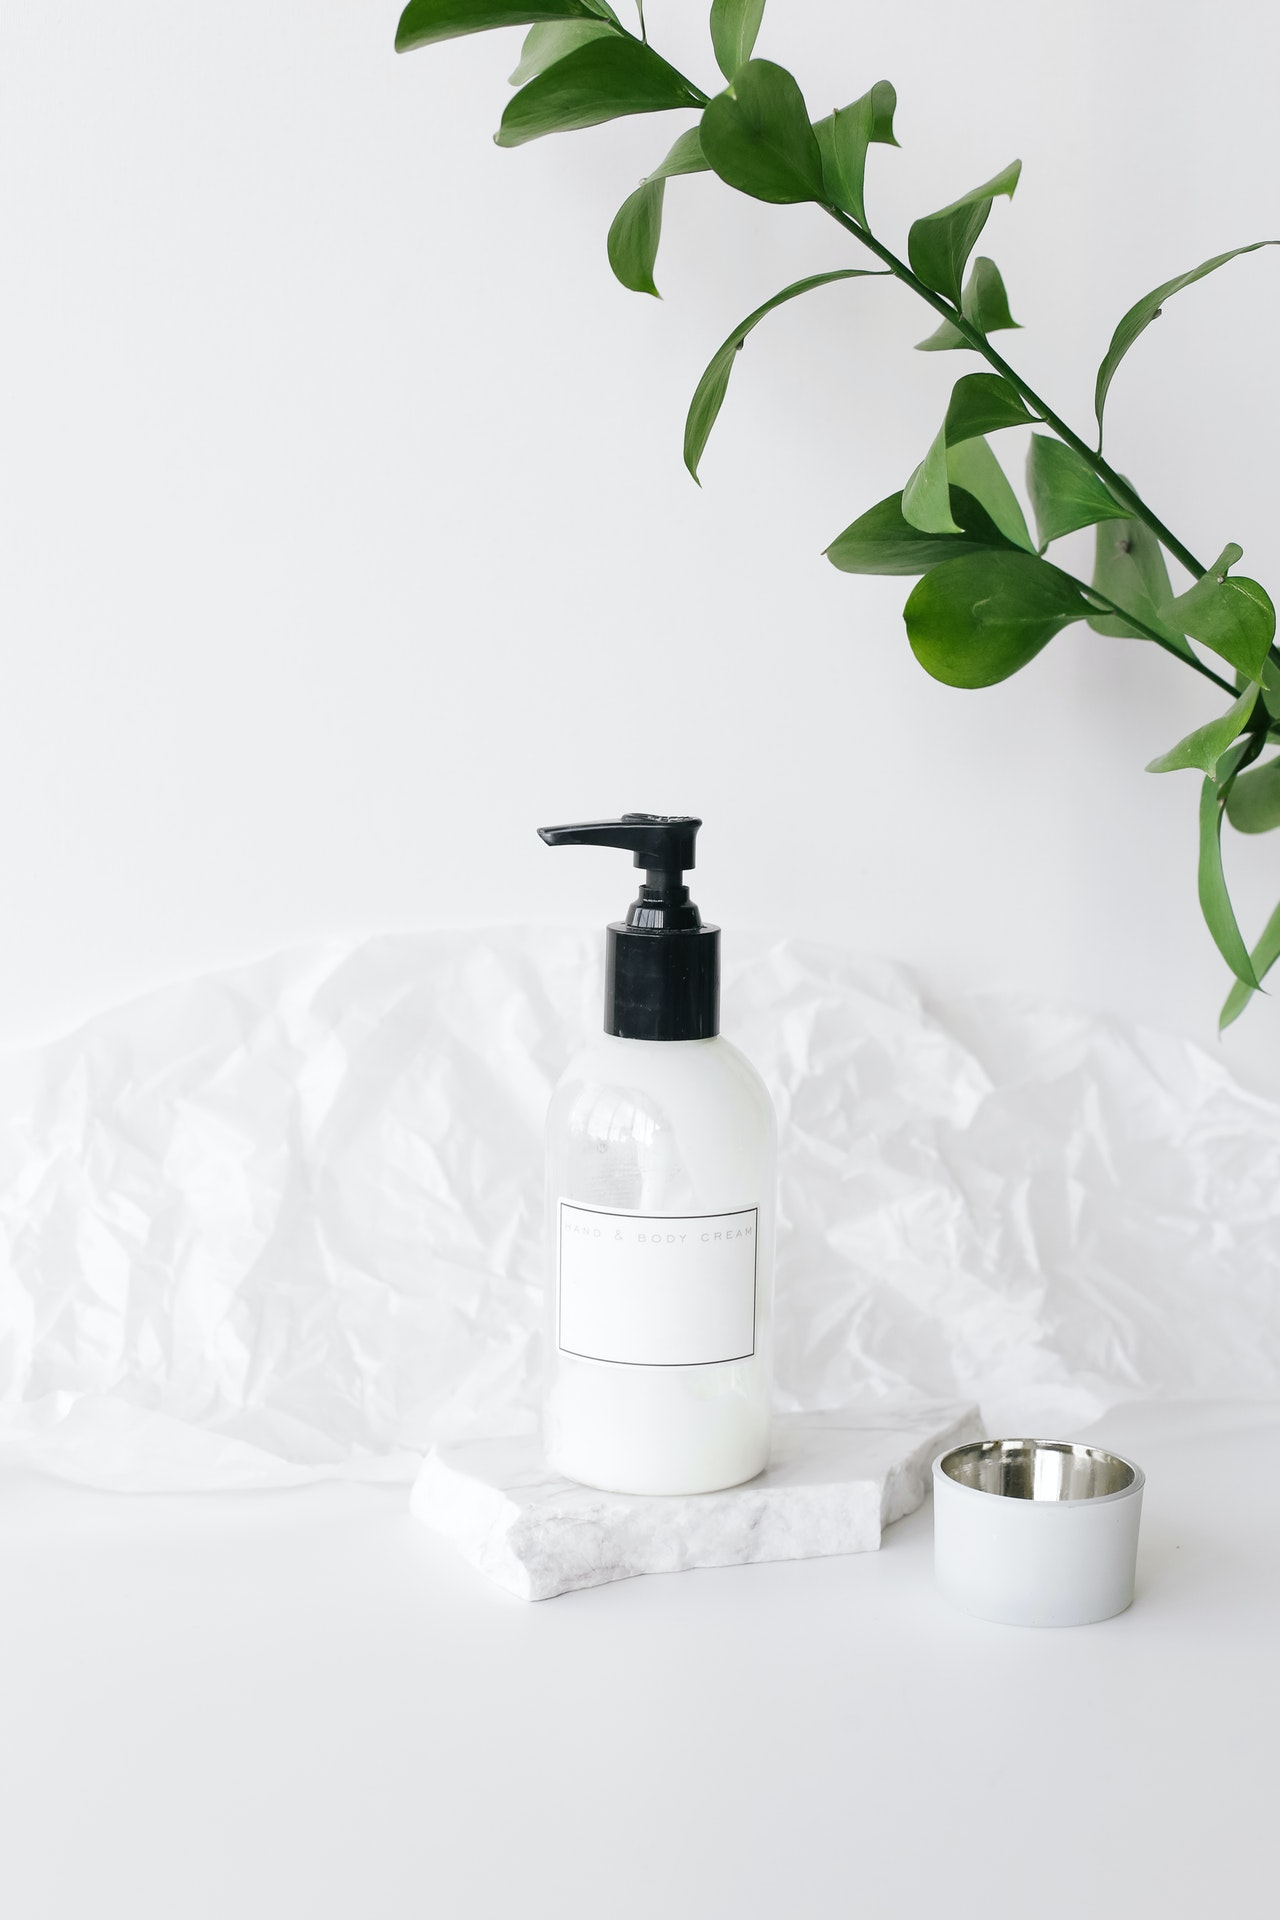 Cómo exfoliar la piel de rostro, ¿con productos naturales o comerciales